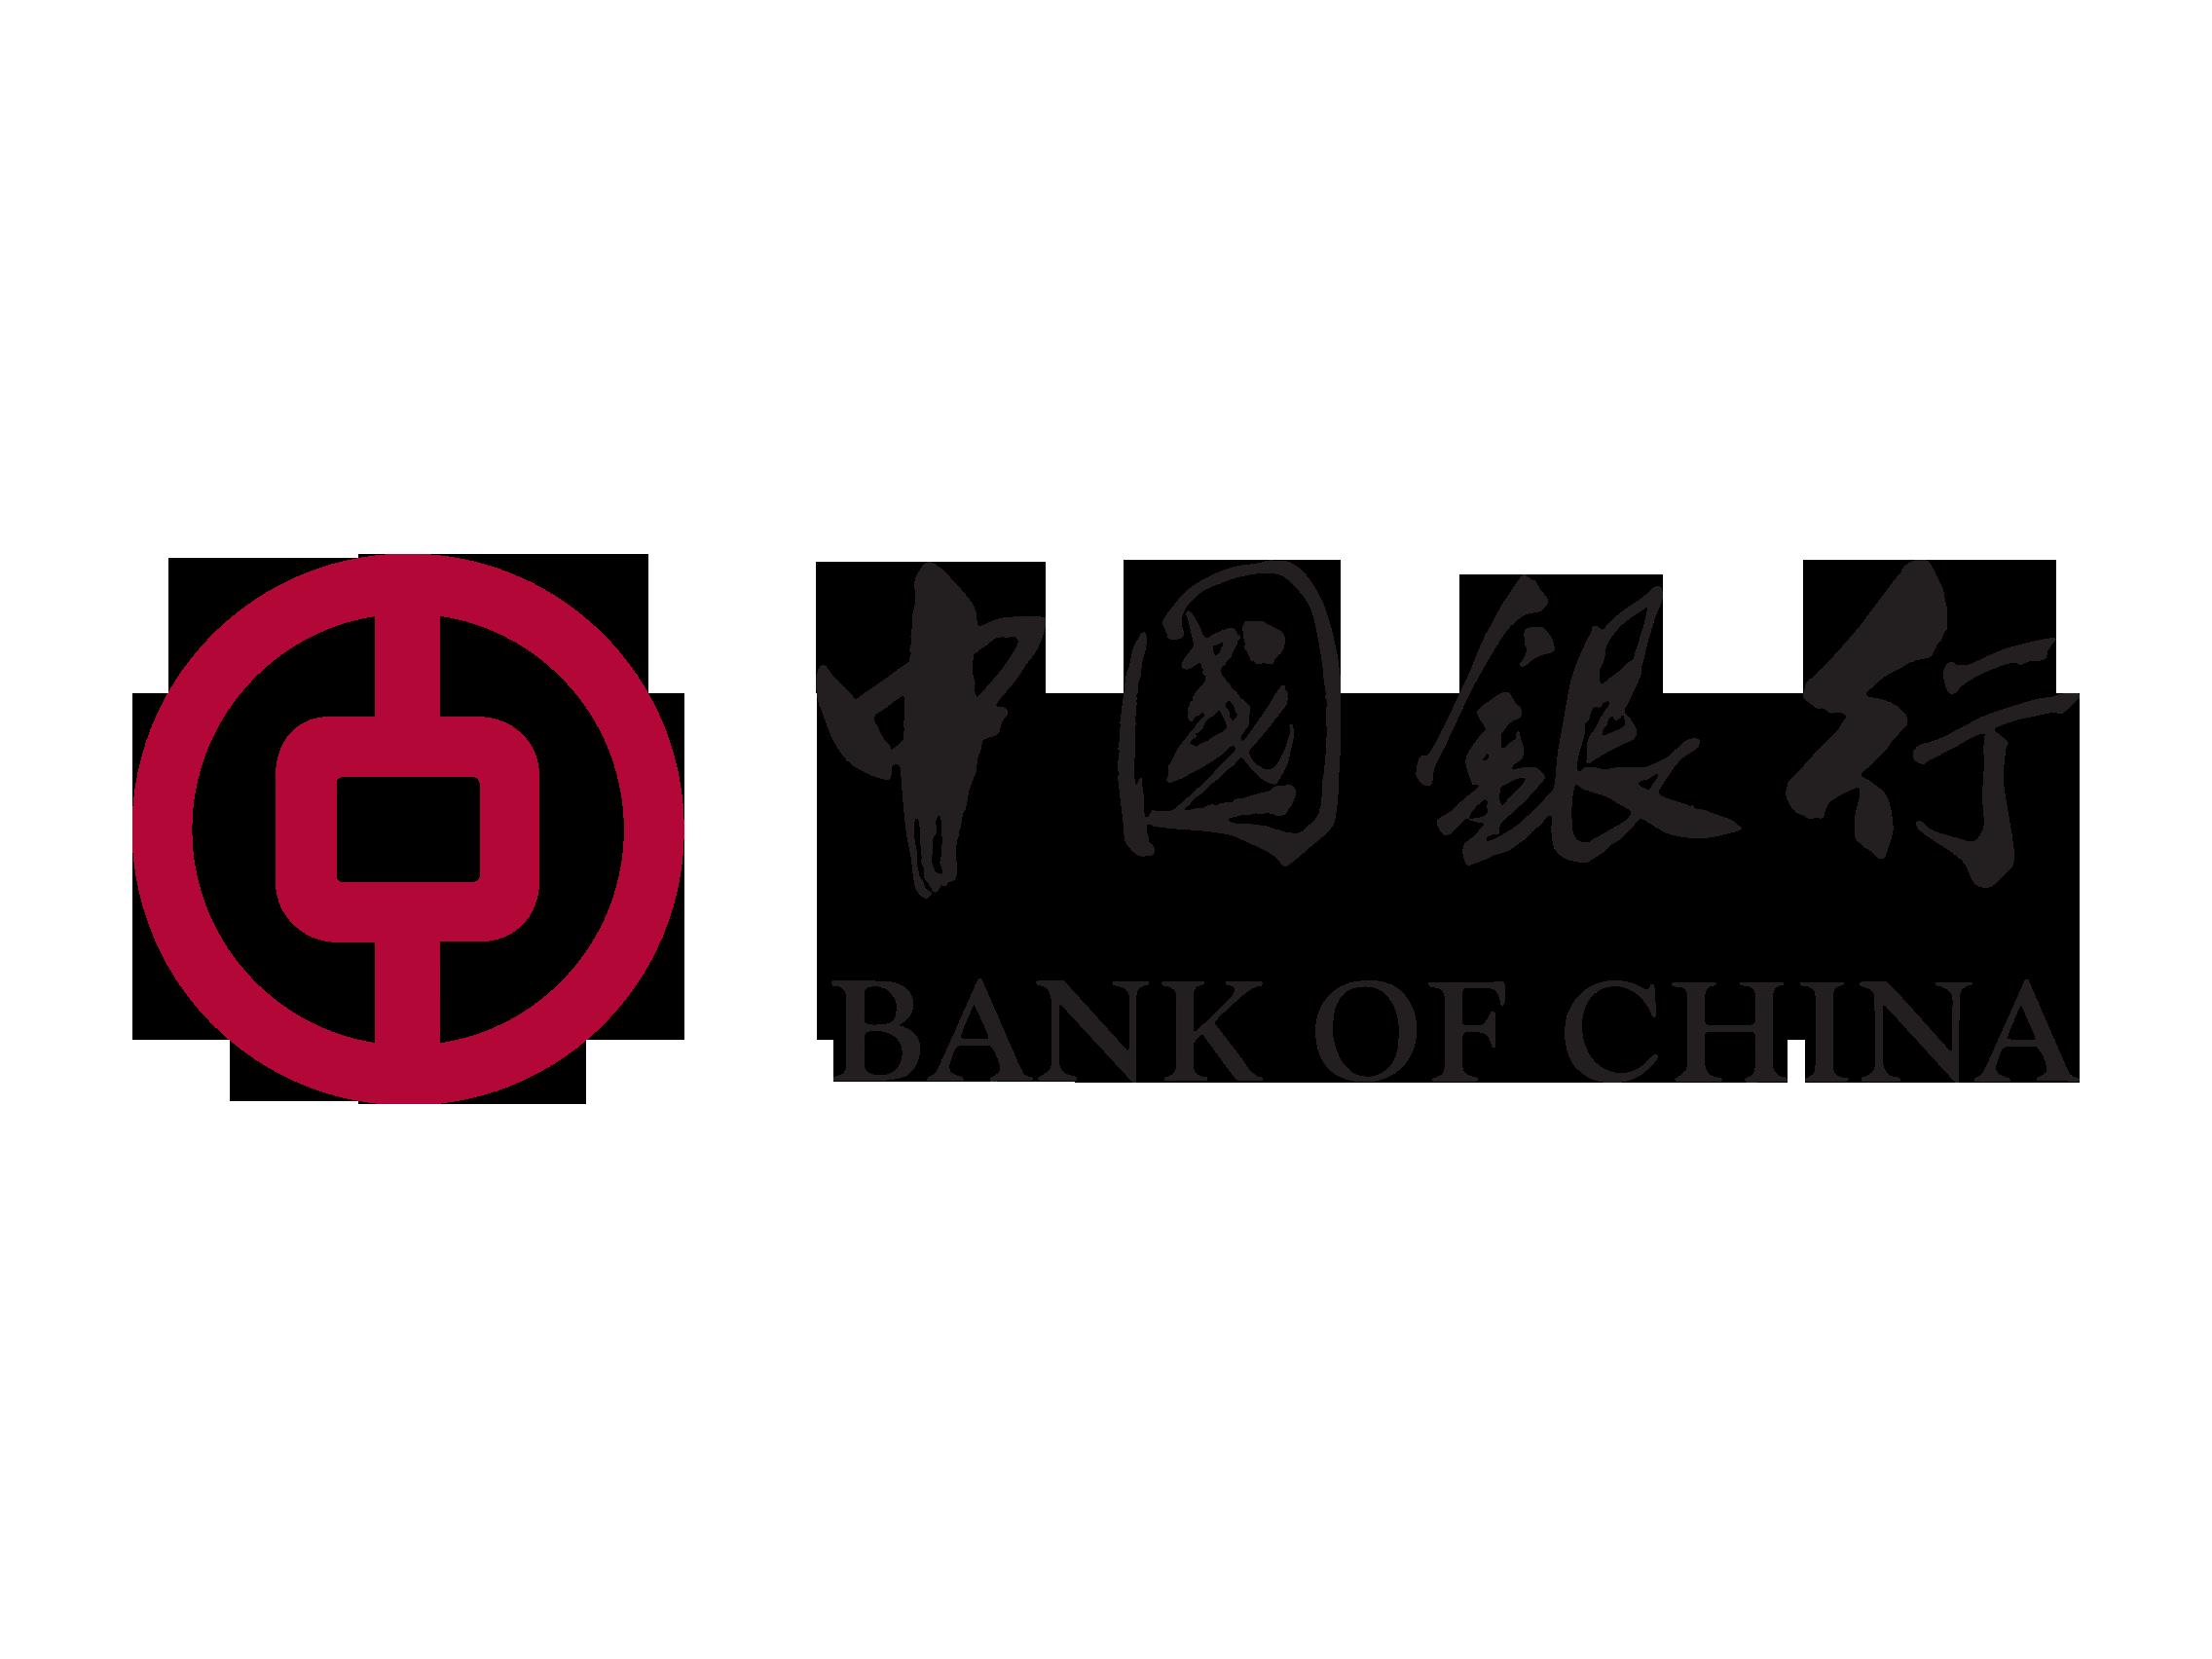 BANK OF CHINA Logo photo - 1